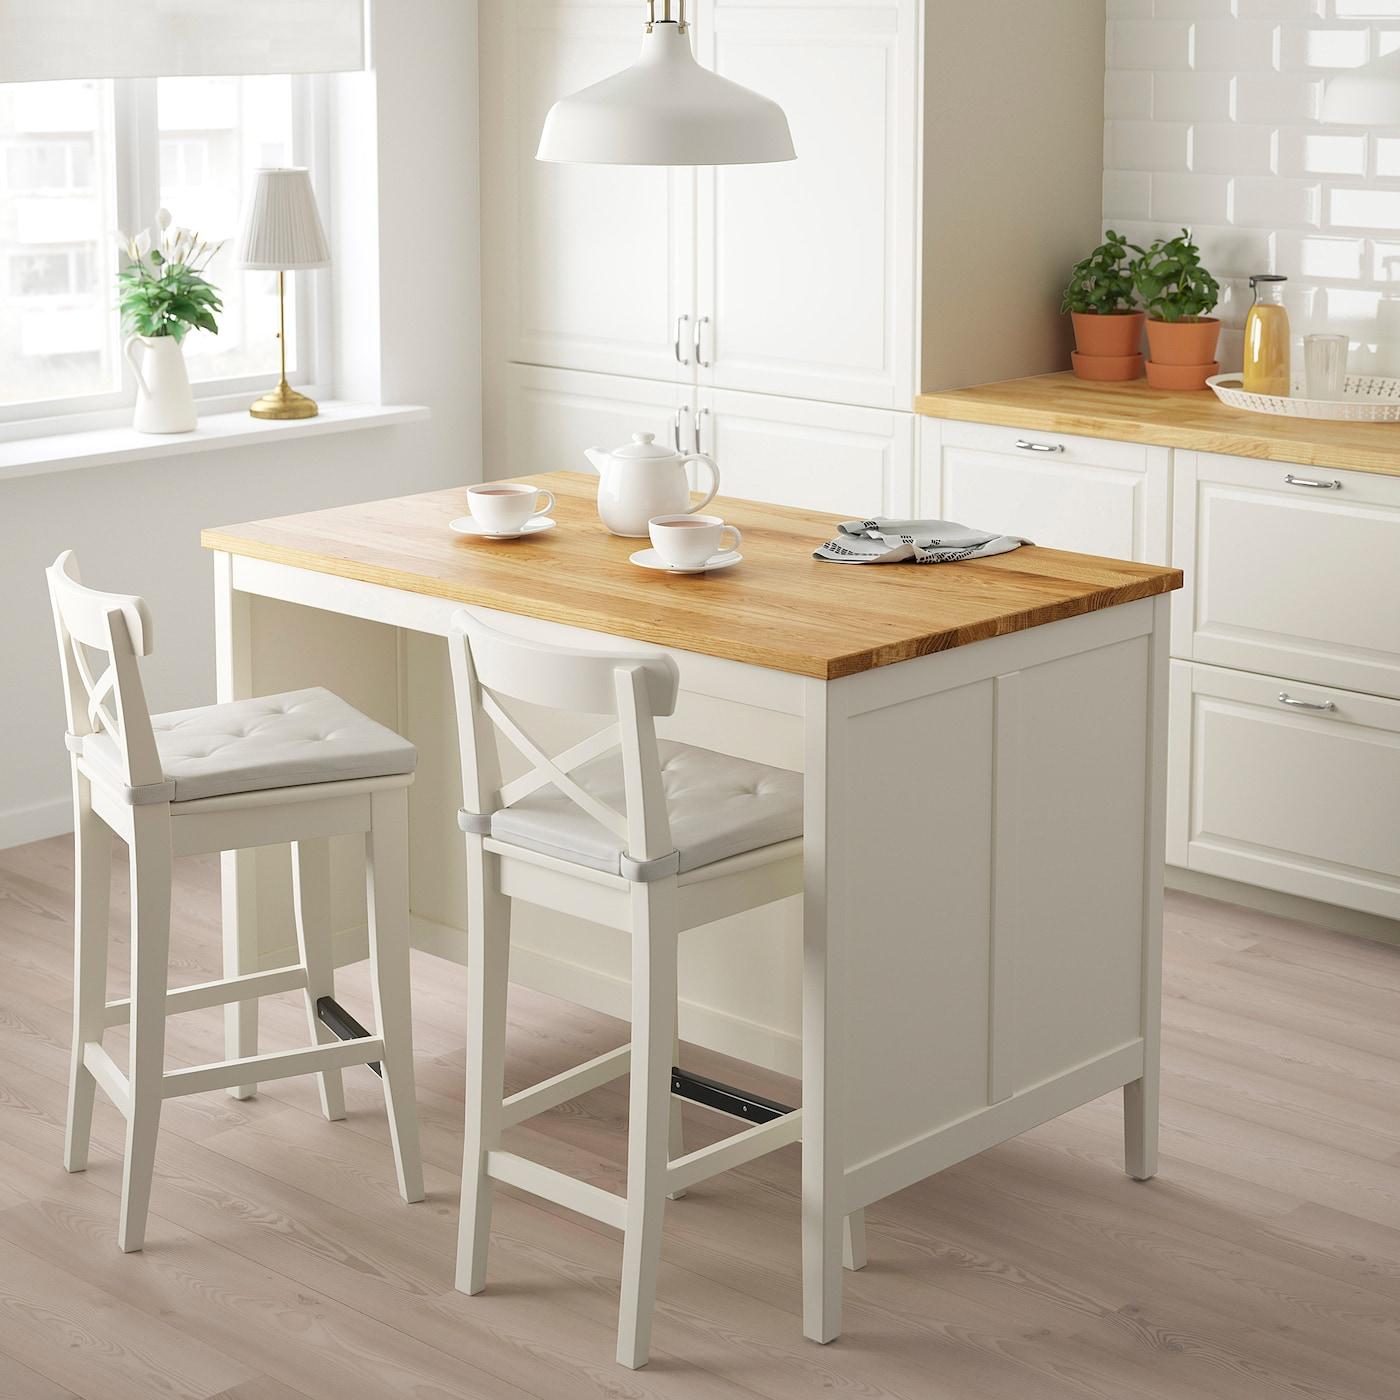 ТОРНВІКЕН кухонний острівець кремово-білий/дуб 126 см 77 см 90 см